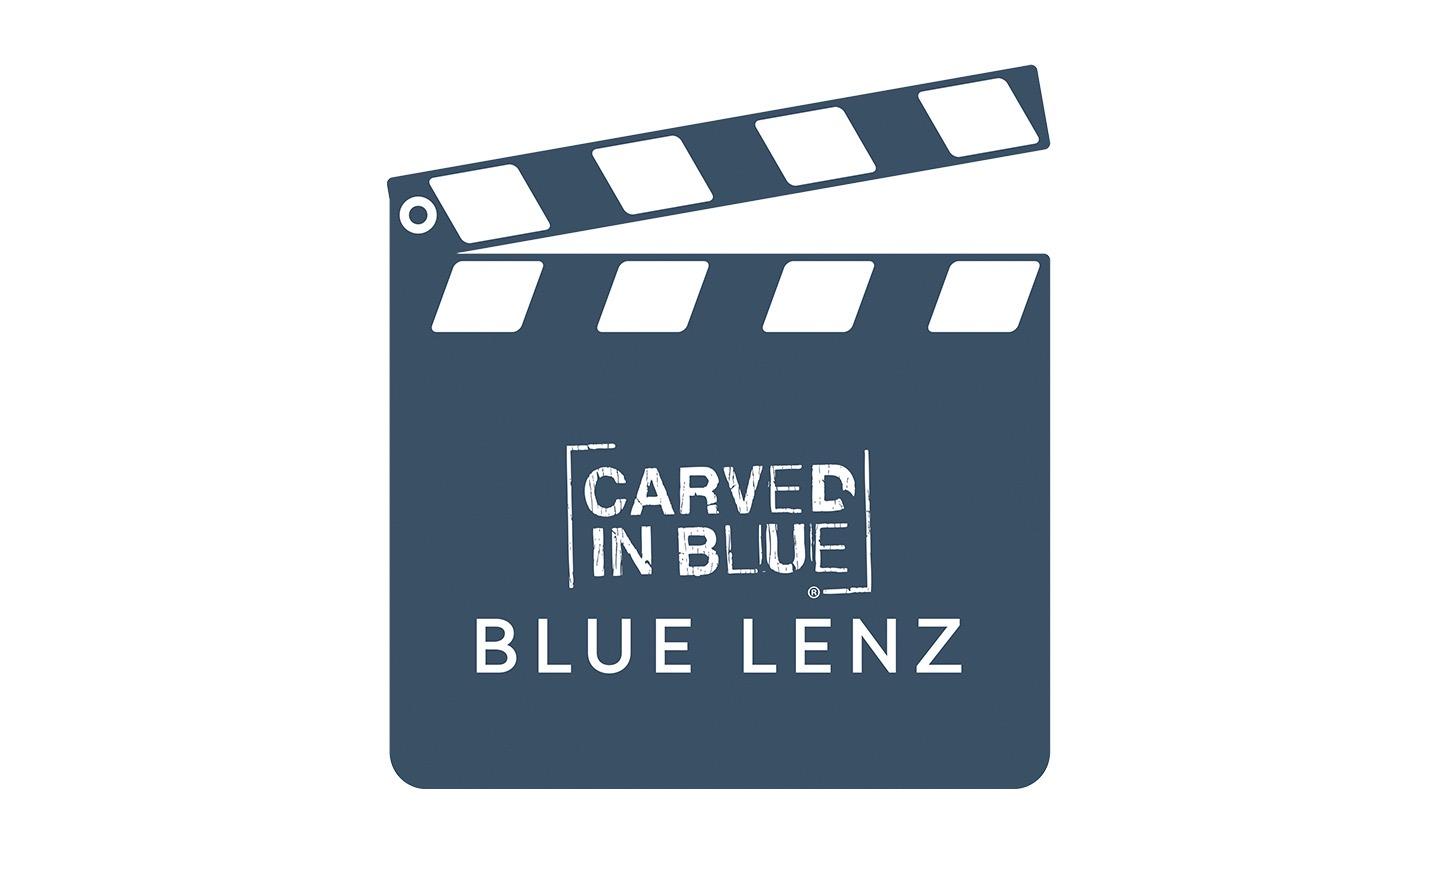 Carved in Blue Blue Lenz